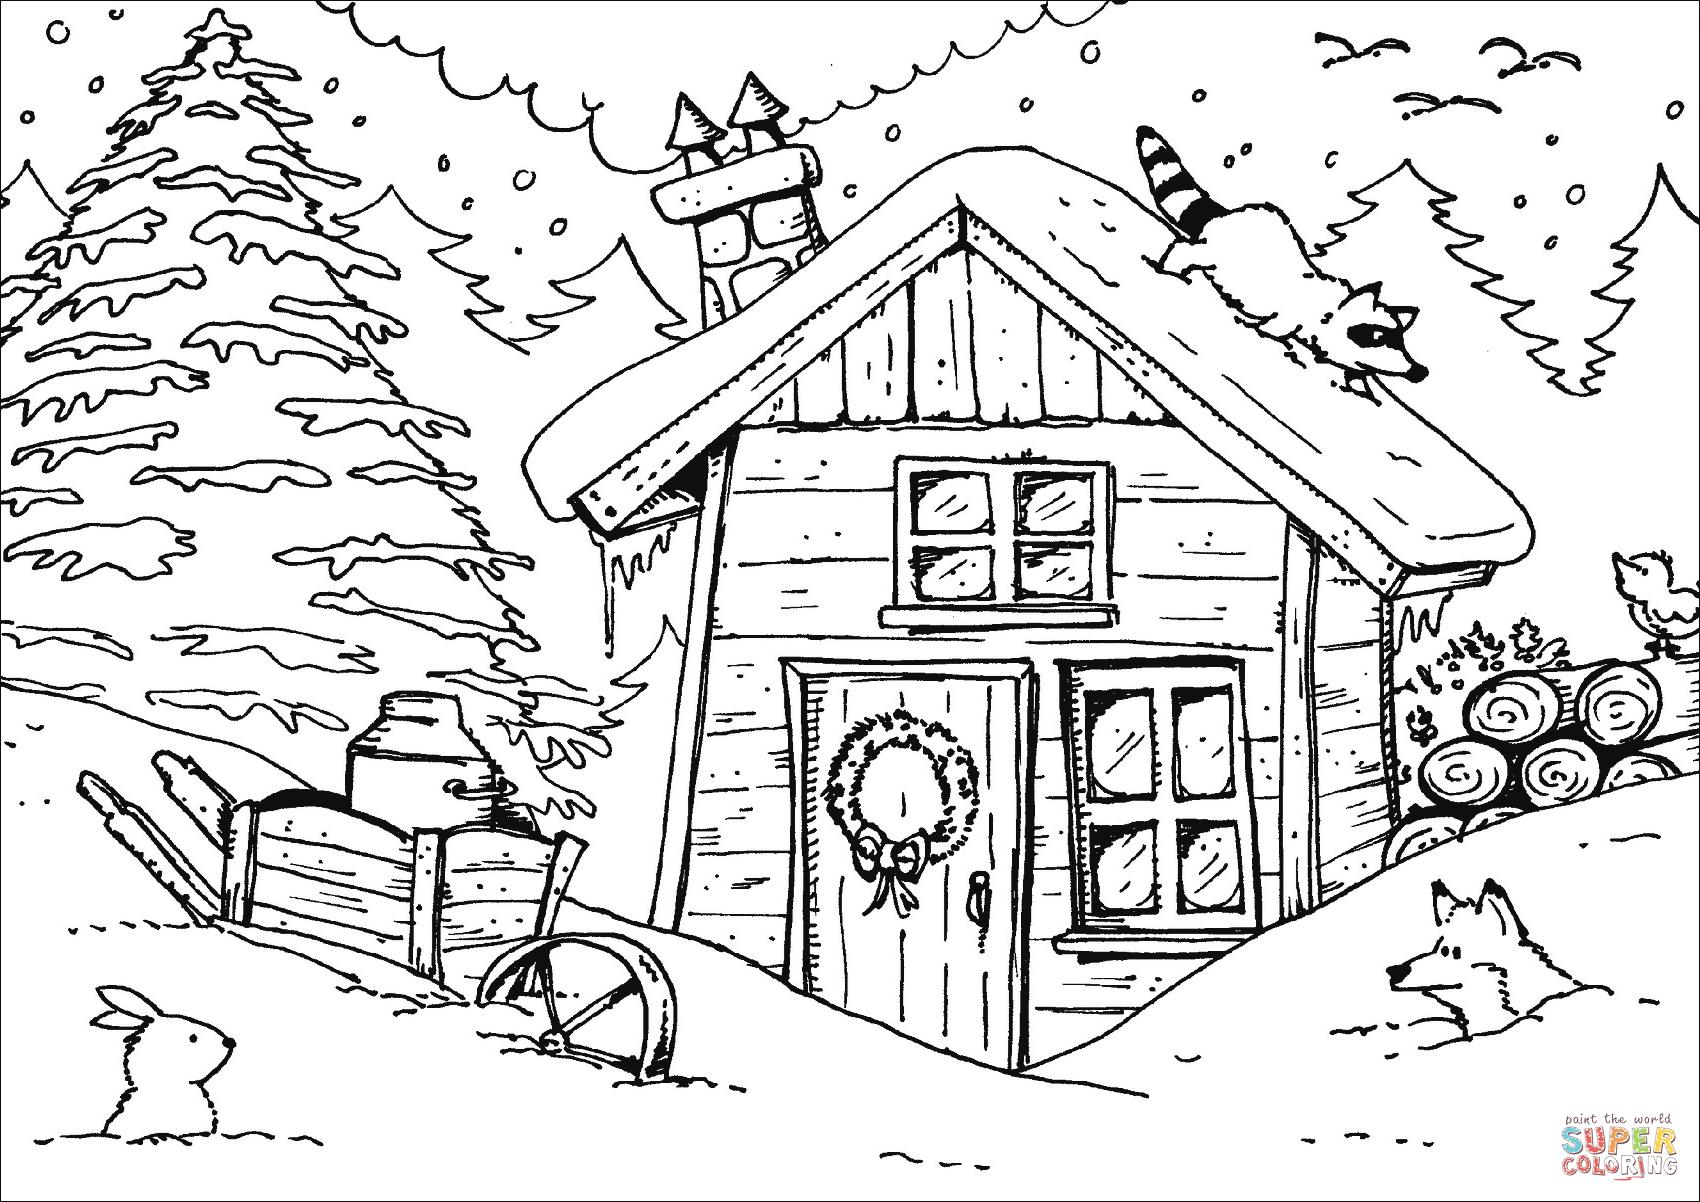 Dibujo De Cabana De Invierno Para Colorear Dibujos Para Colorear Imprimir Gratis Dibujos De Invierno Dibujos Dibujos Para Colorear